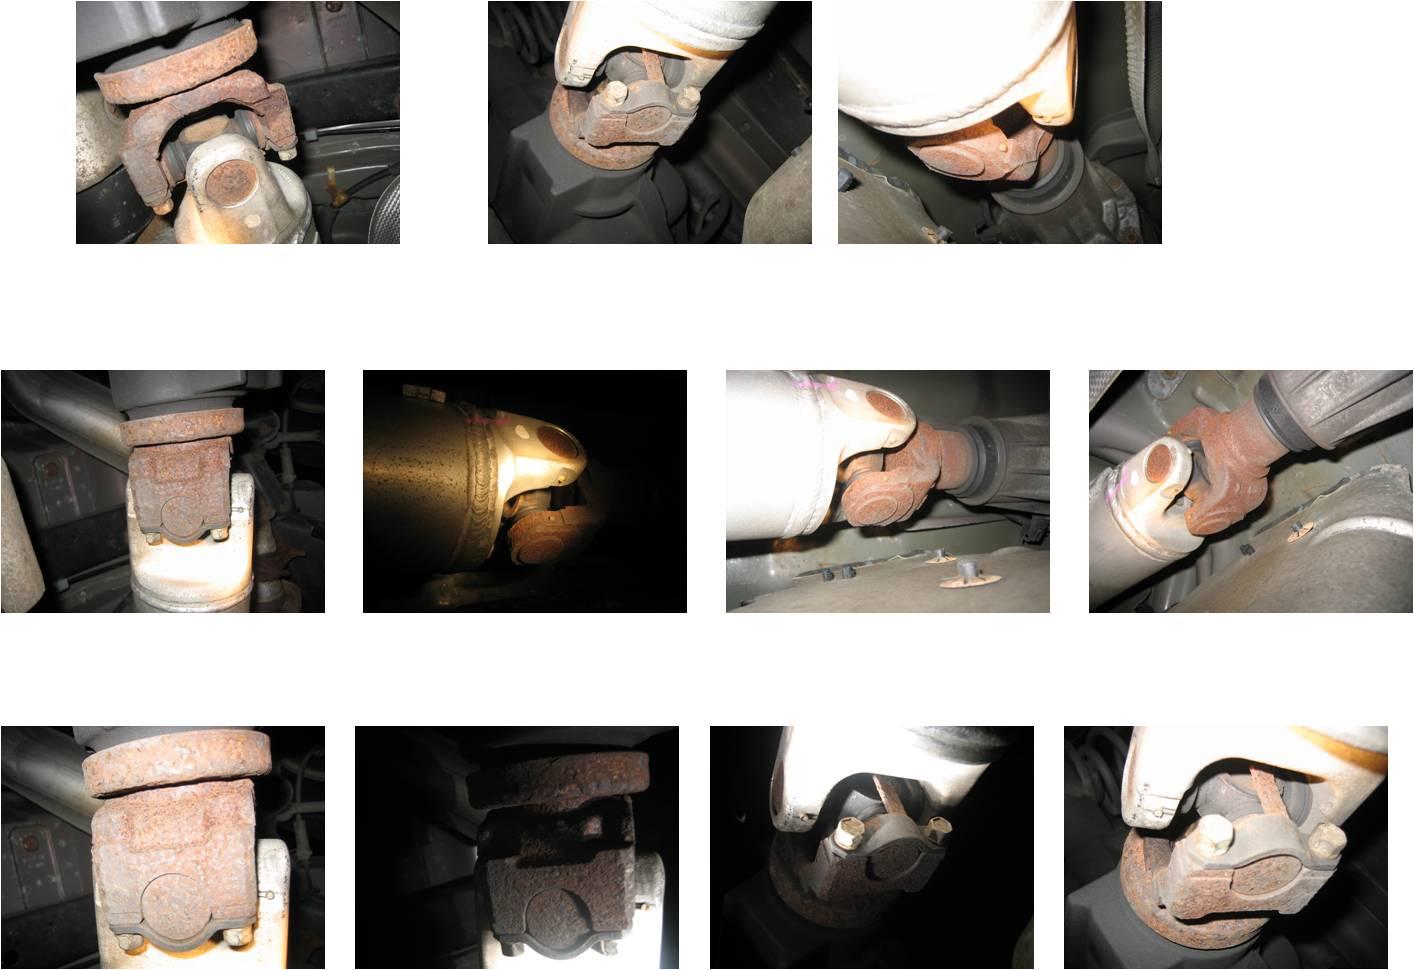 U Joint Replacement Chevy Trailblazer Trailblazer Ss And Gmc